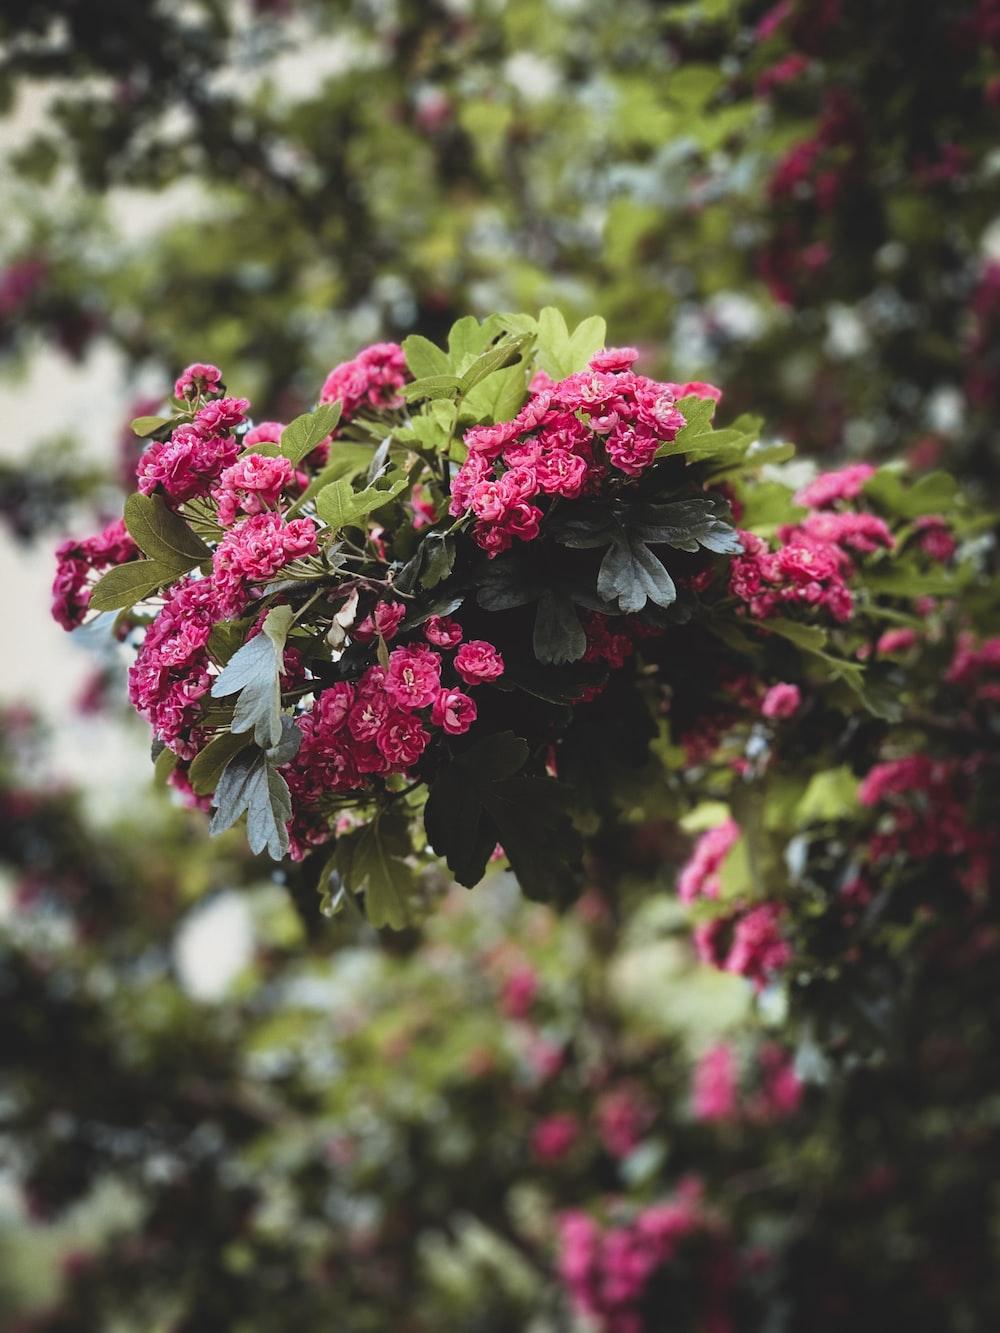 pink petaled rose flower lot